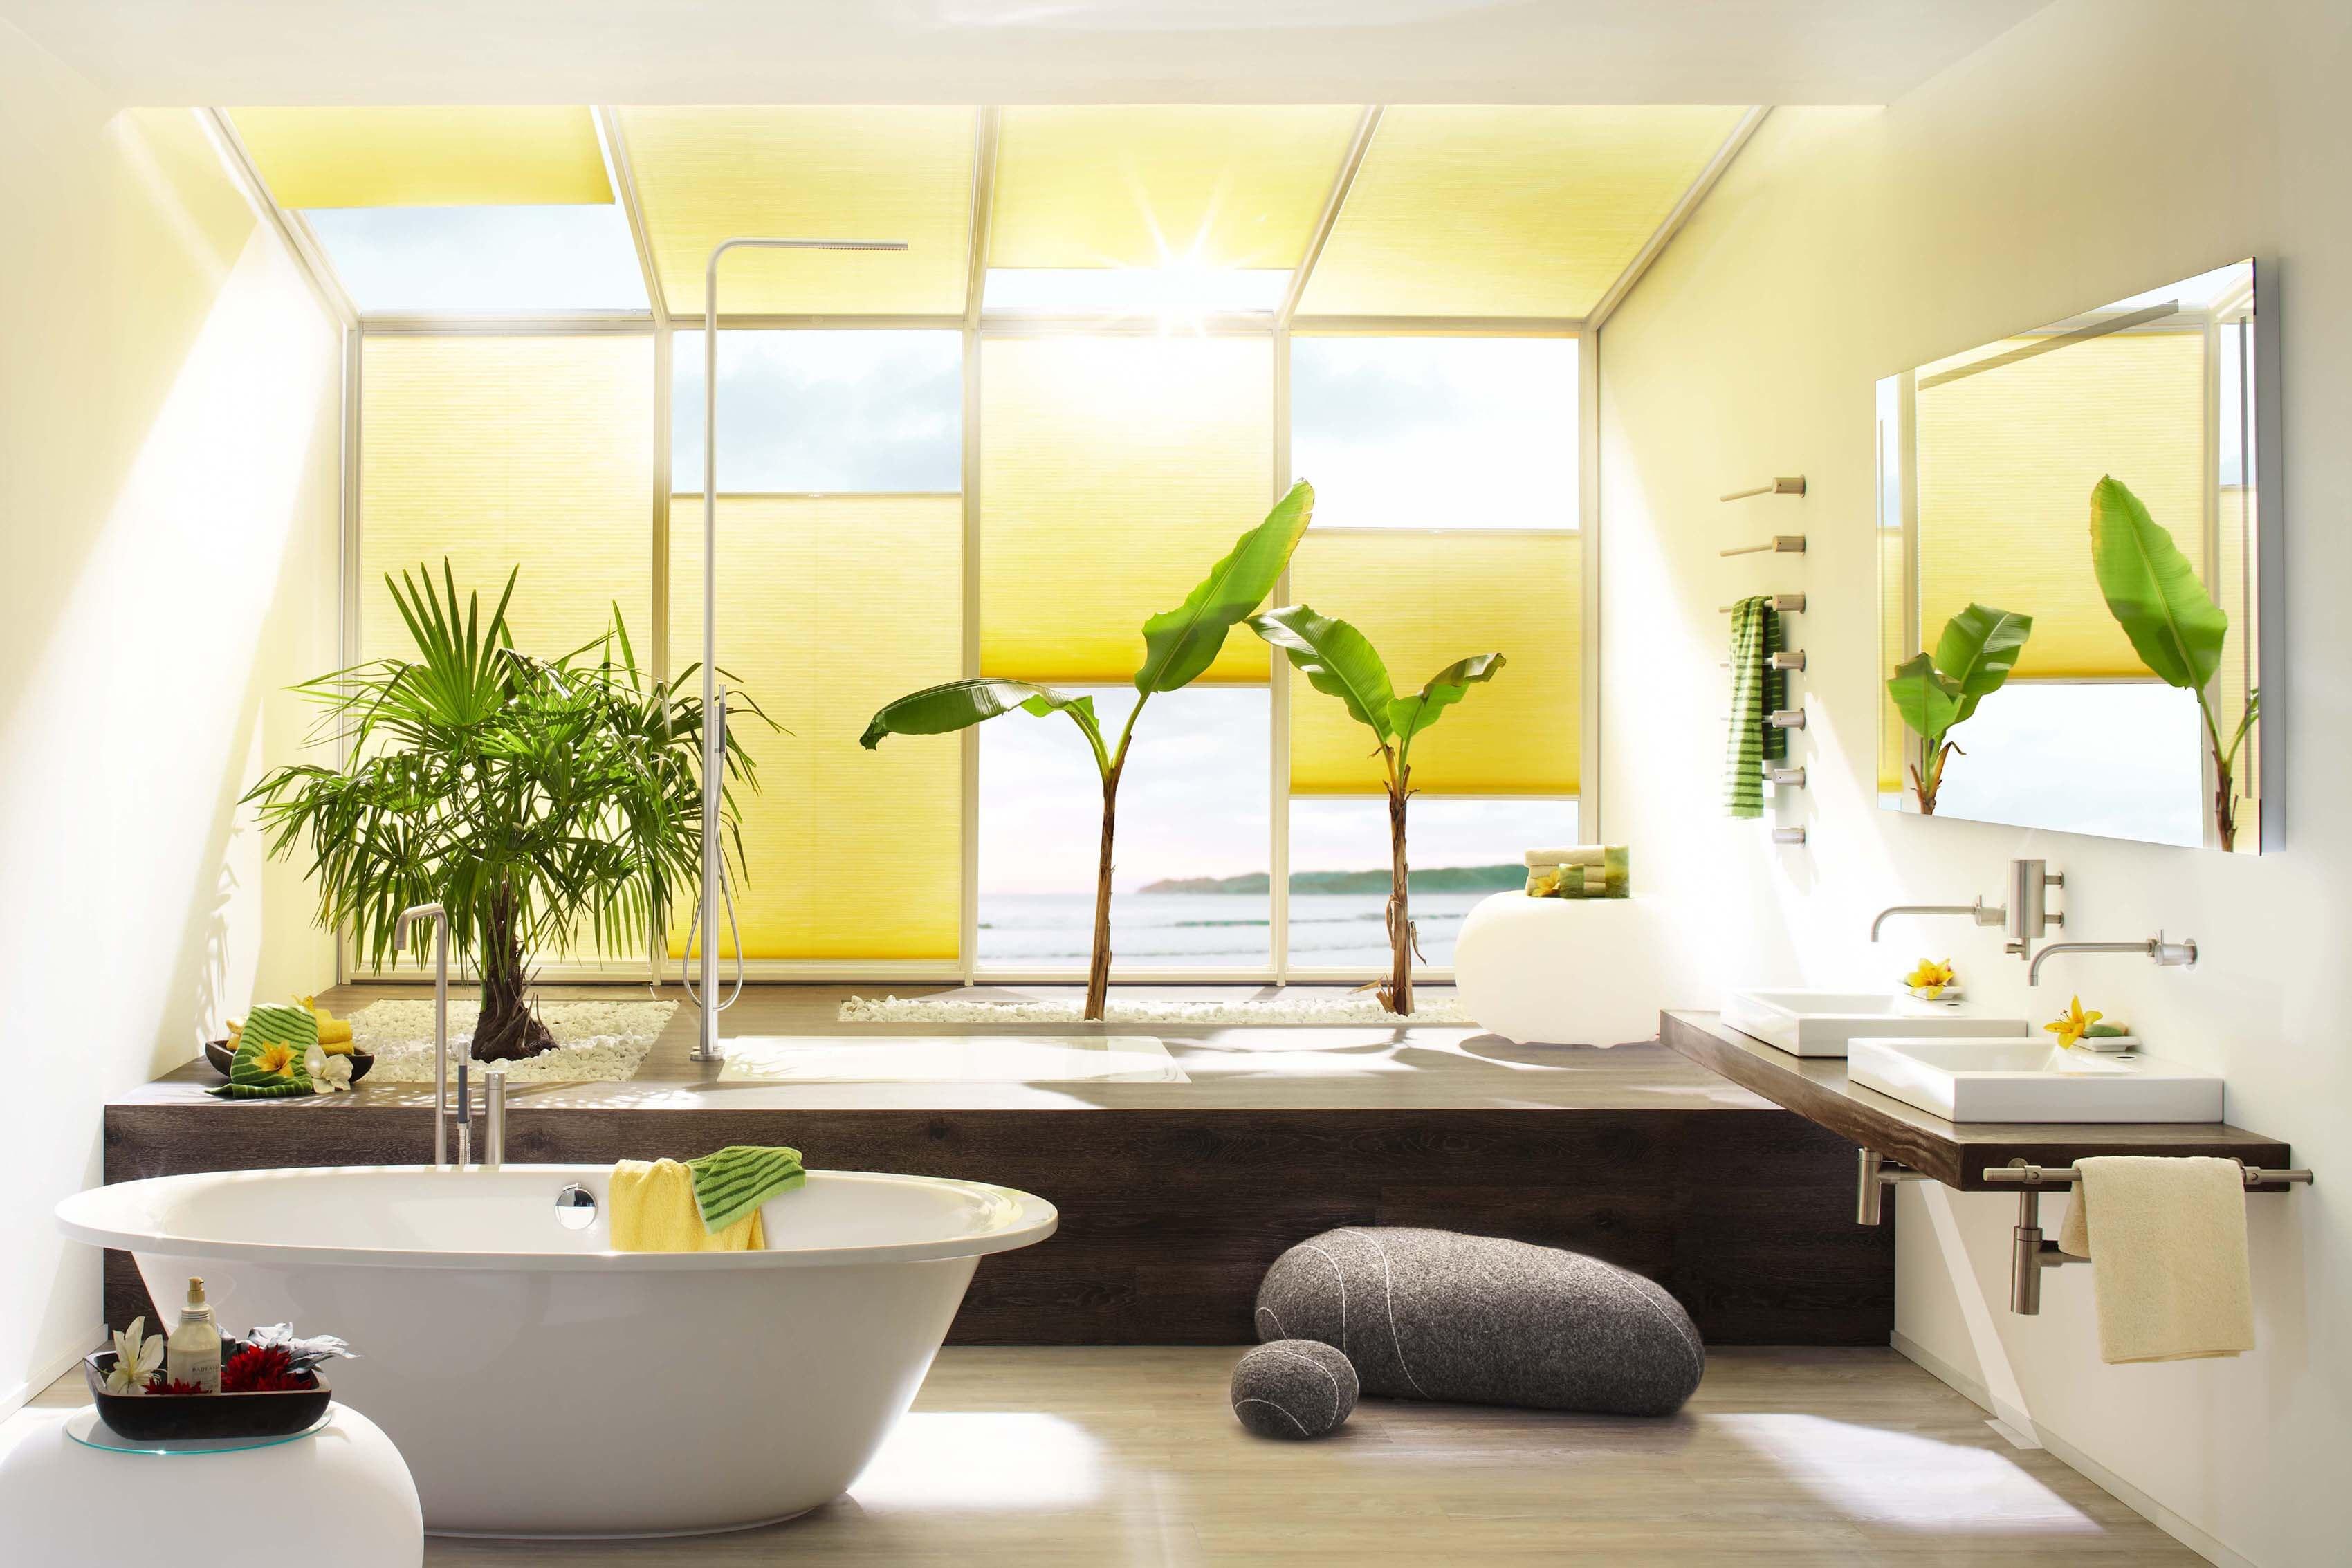 DUETTE Wabenplissees Farbe Gelb im Badezimmer Spa